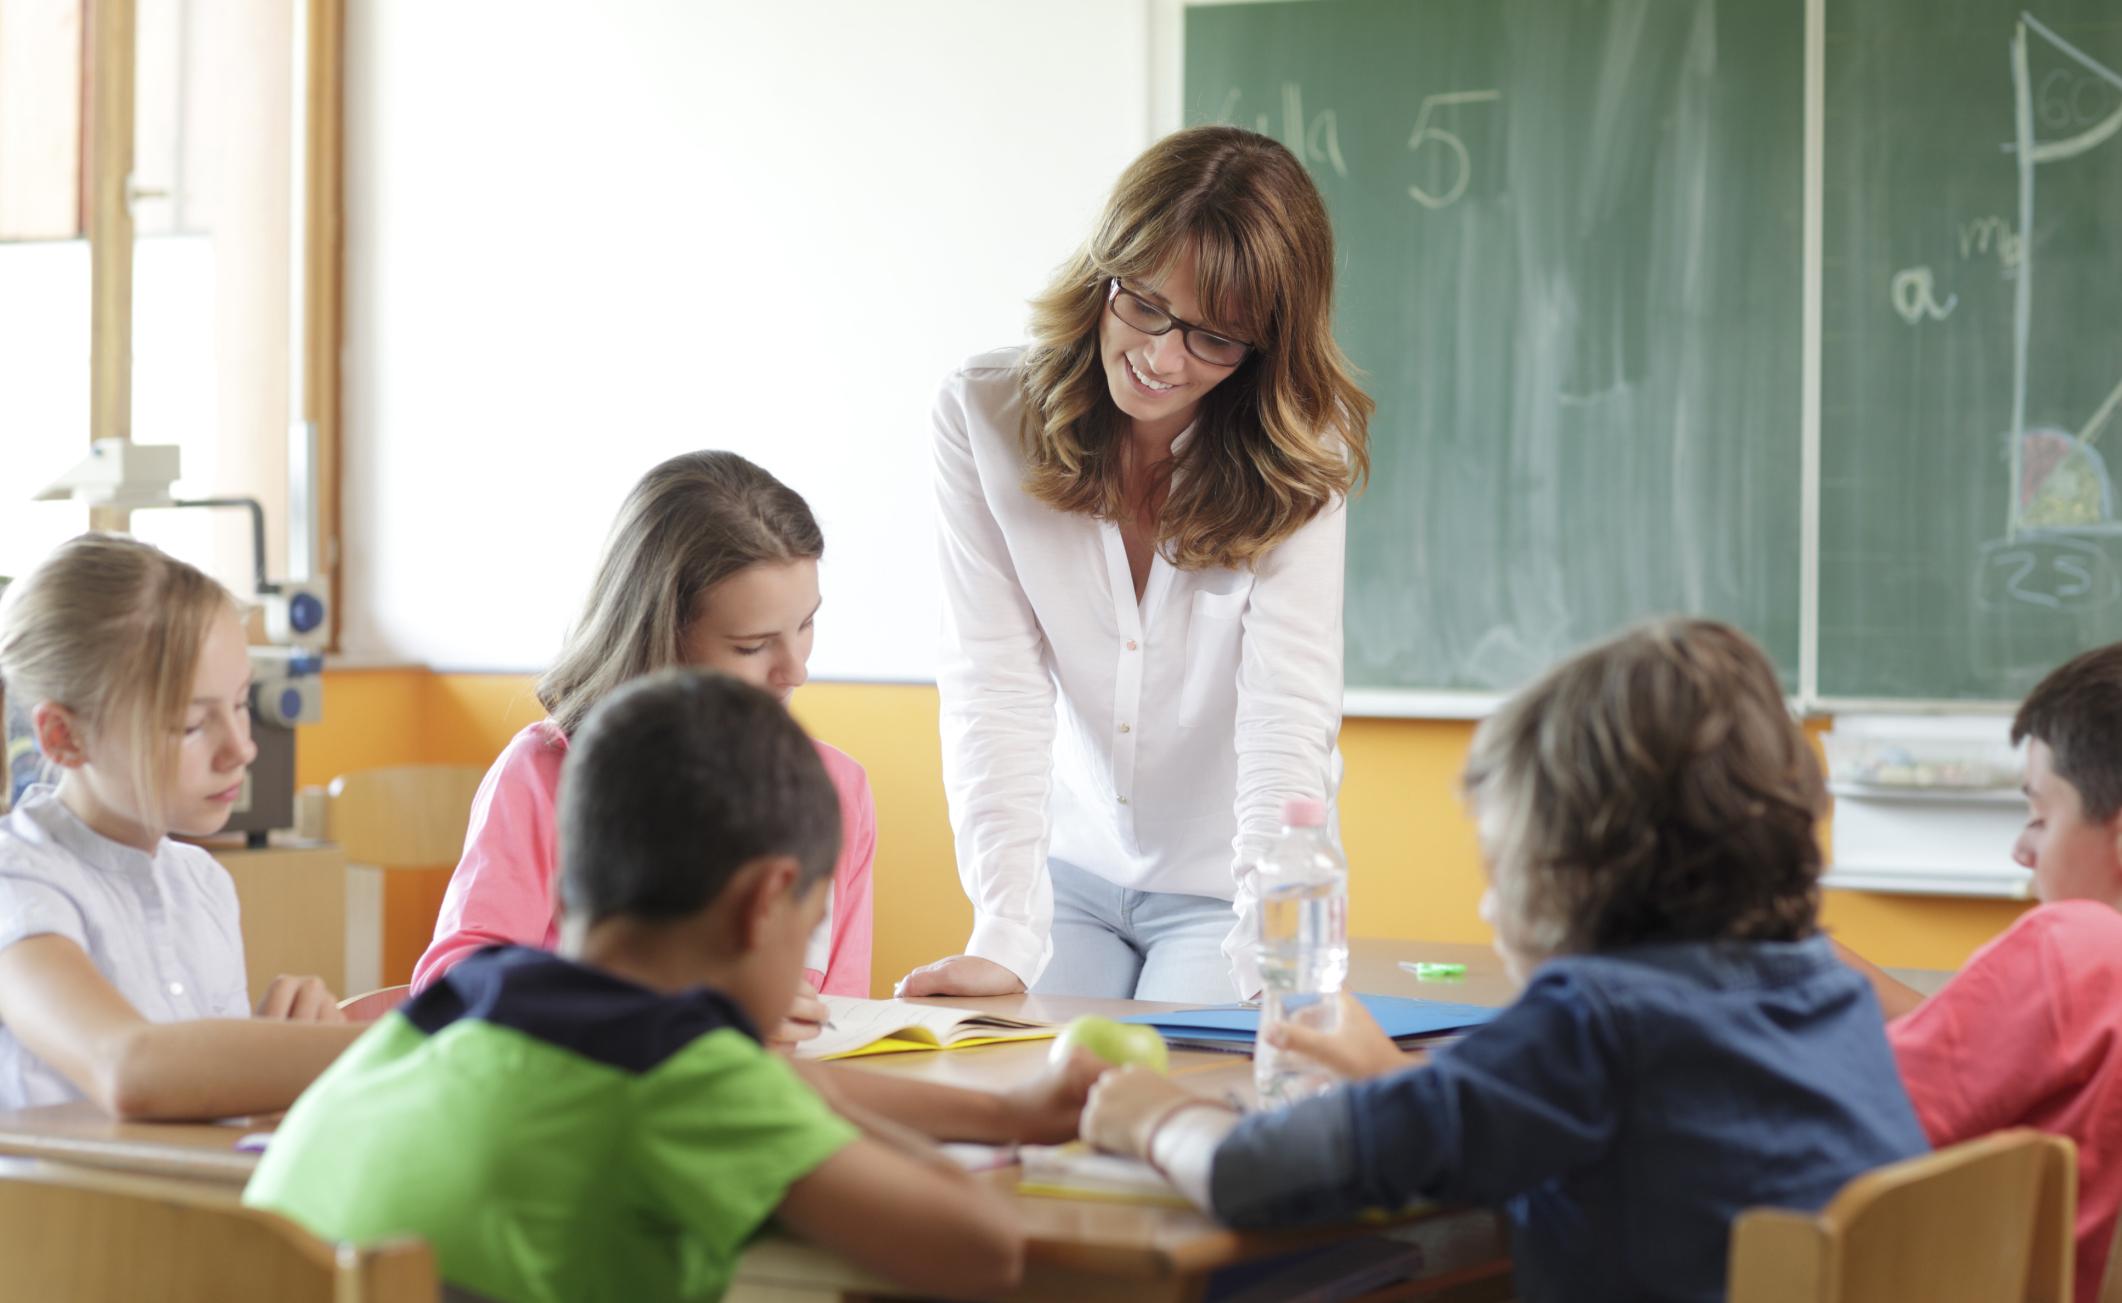 L'insegnante è depresso: quanto ne risente l'apprendimento?